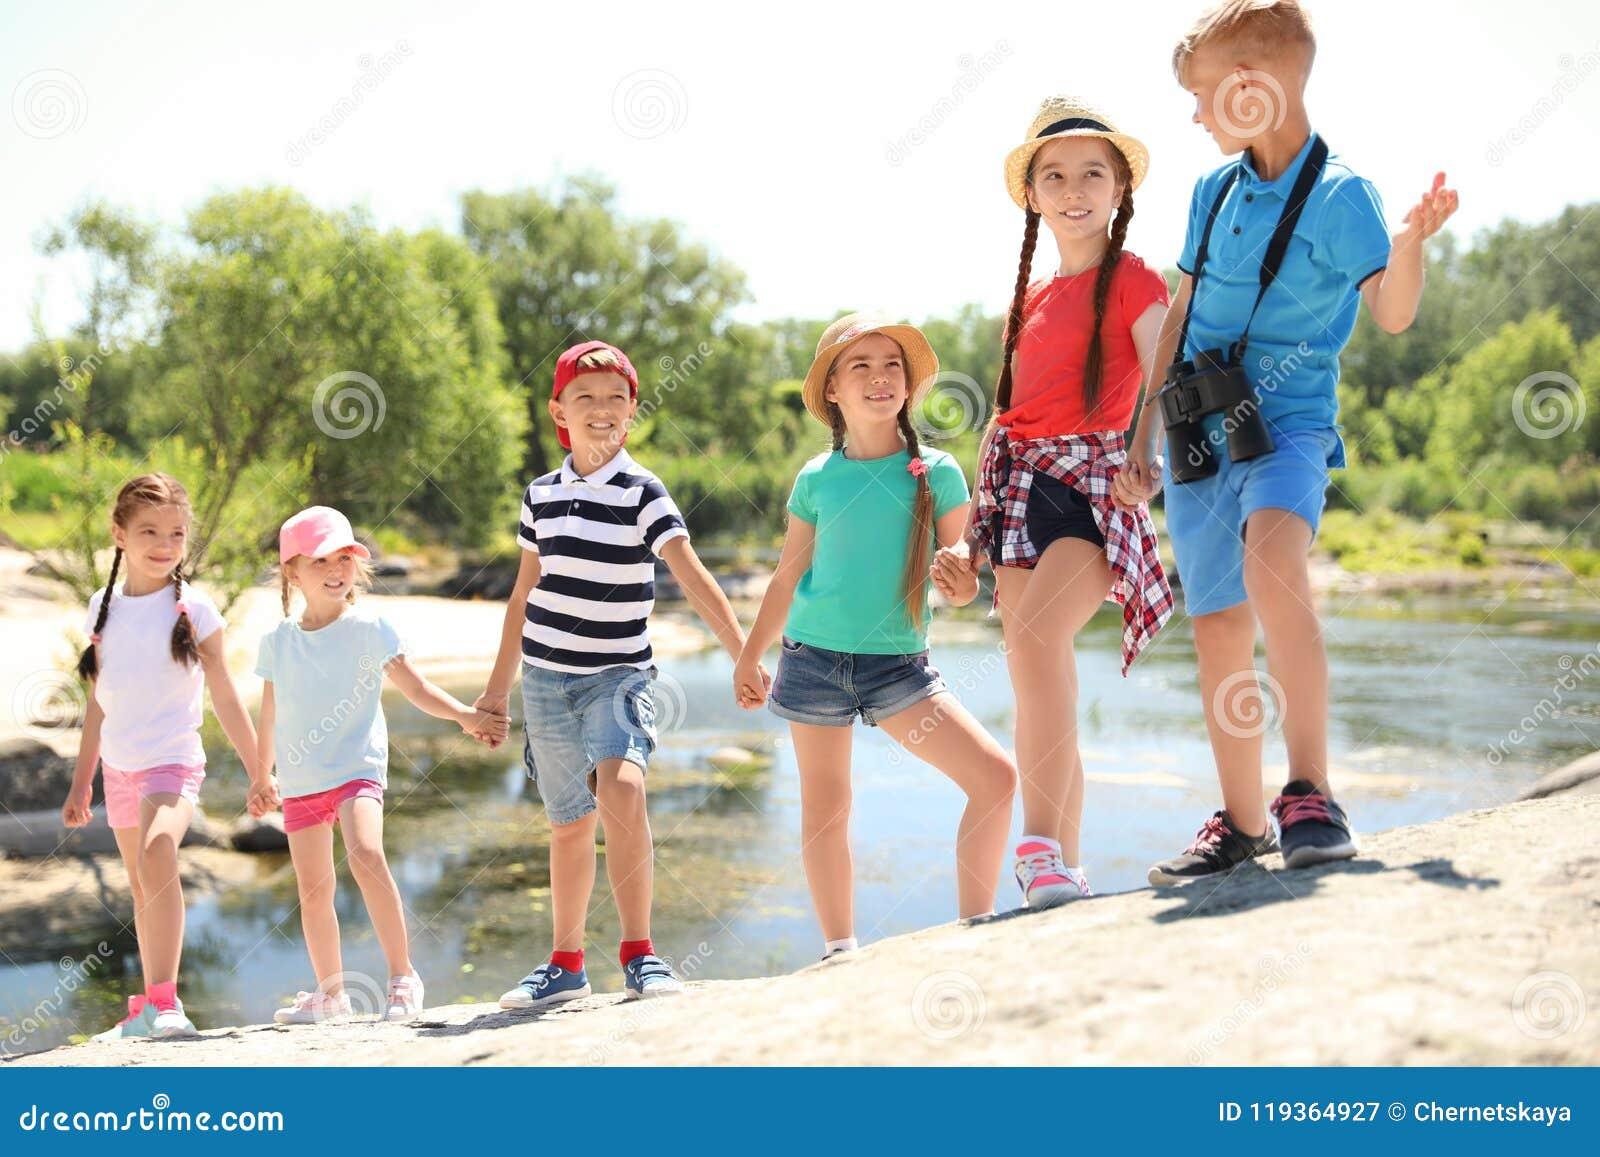 Små barn med kikare utomhus